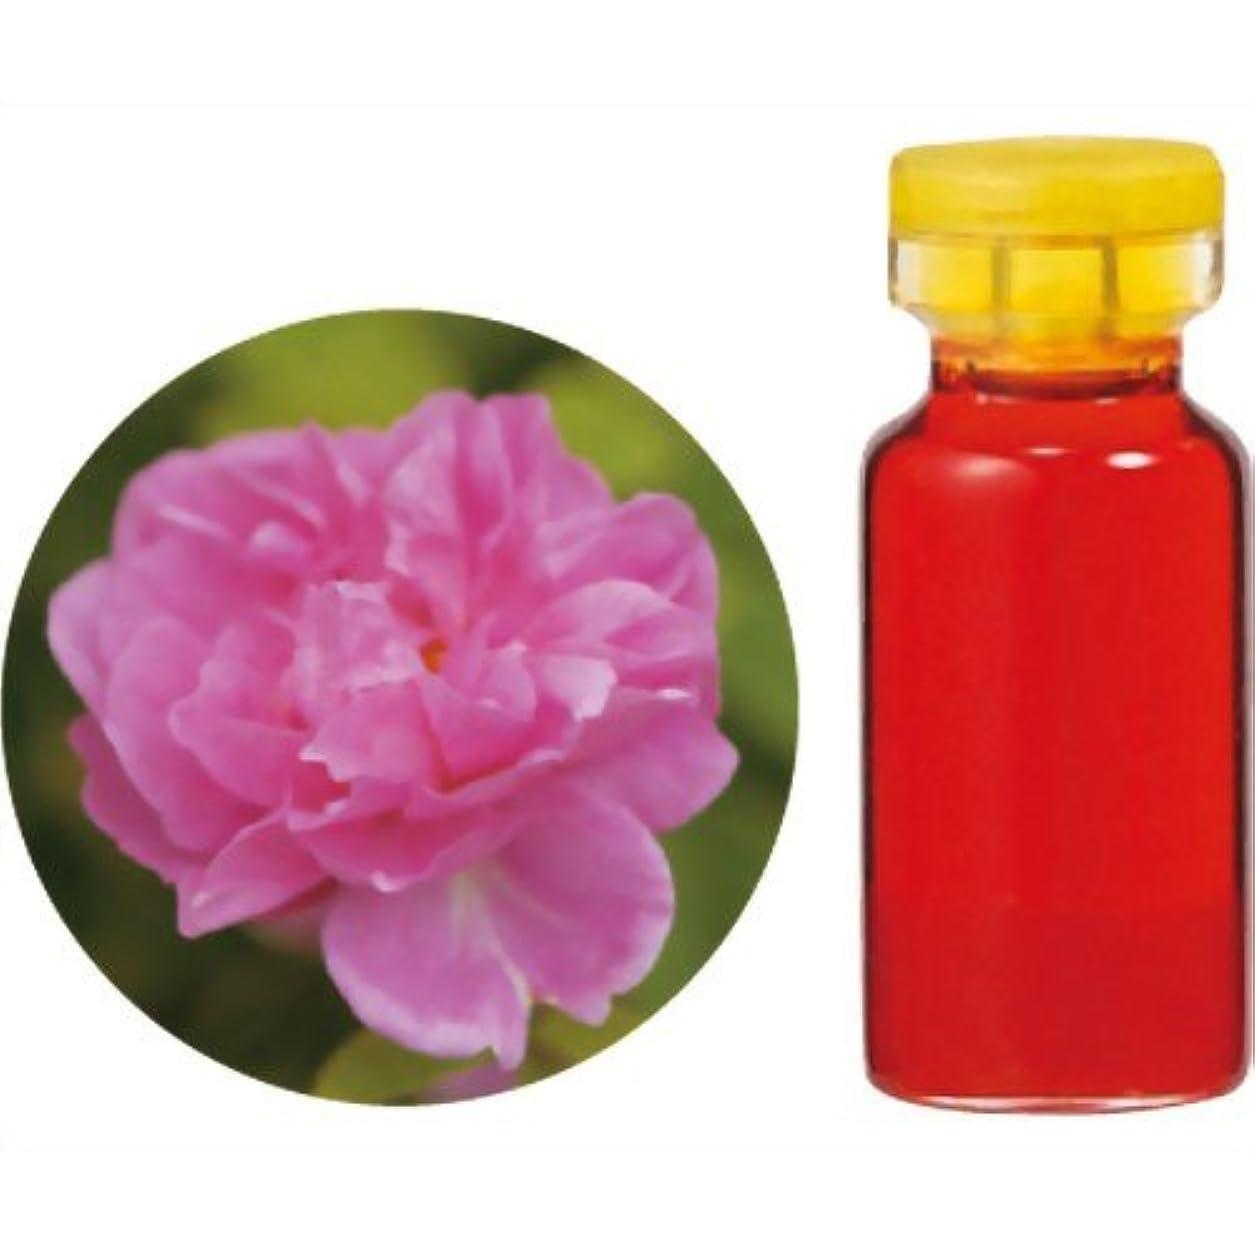 不安定な想定する妨げる生活の木 Herbal Life 花精油 ダマスクローズAbs.(モロッコ産) 3ml